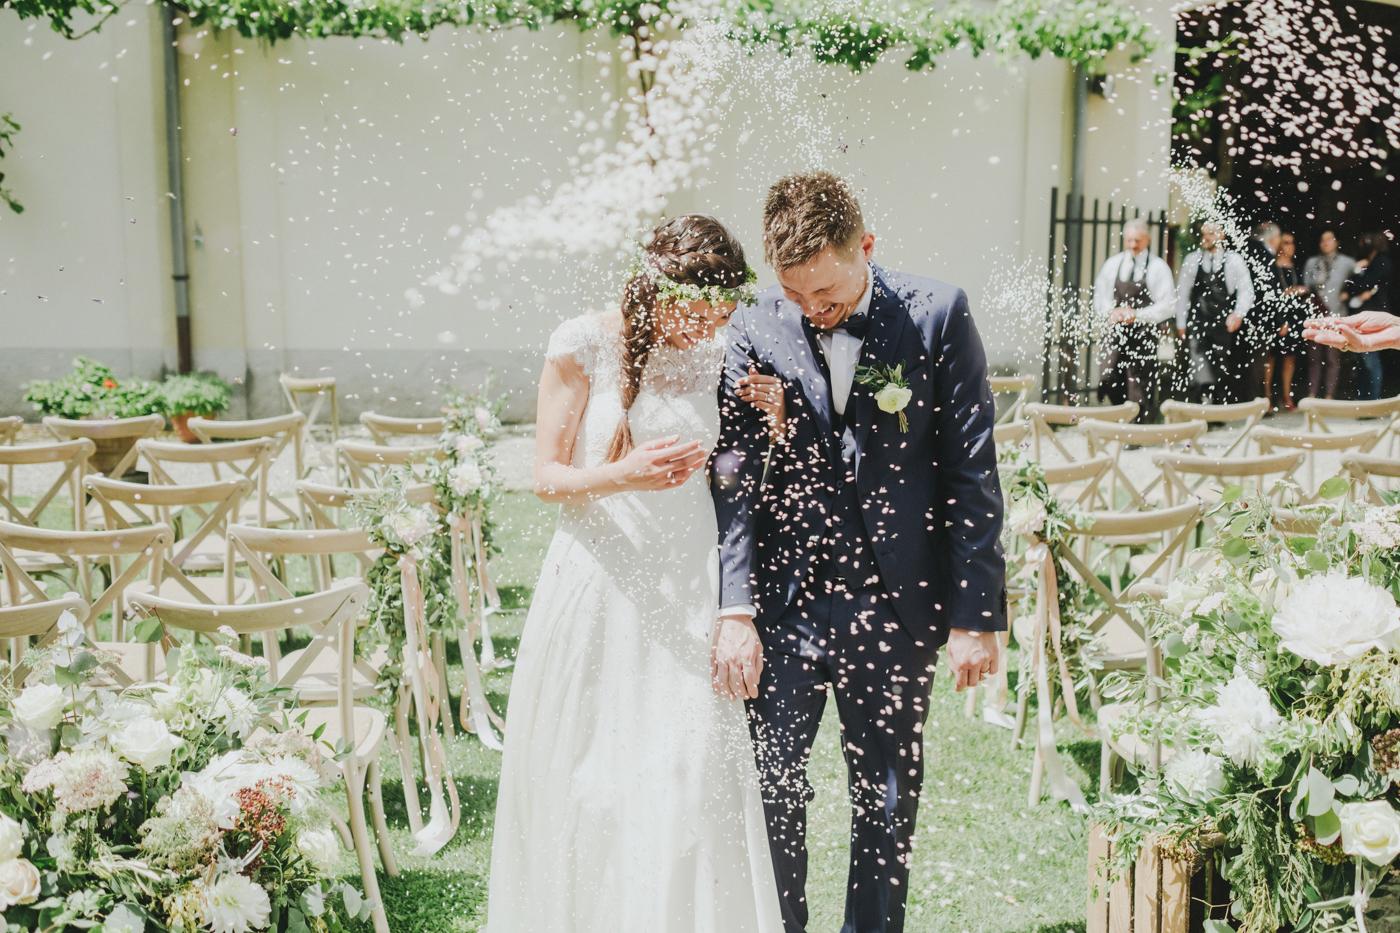 fotografo matrimonio como-64.jpg